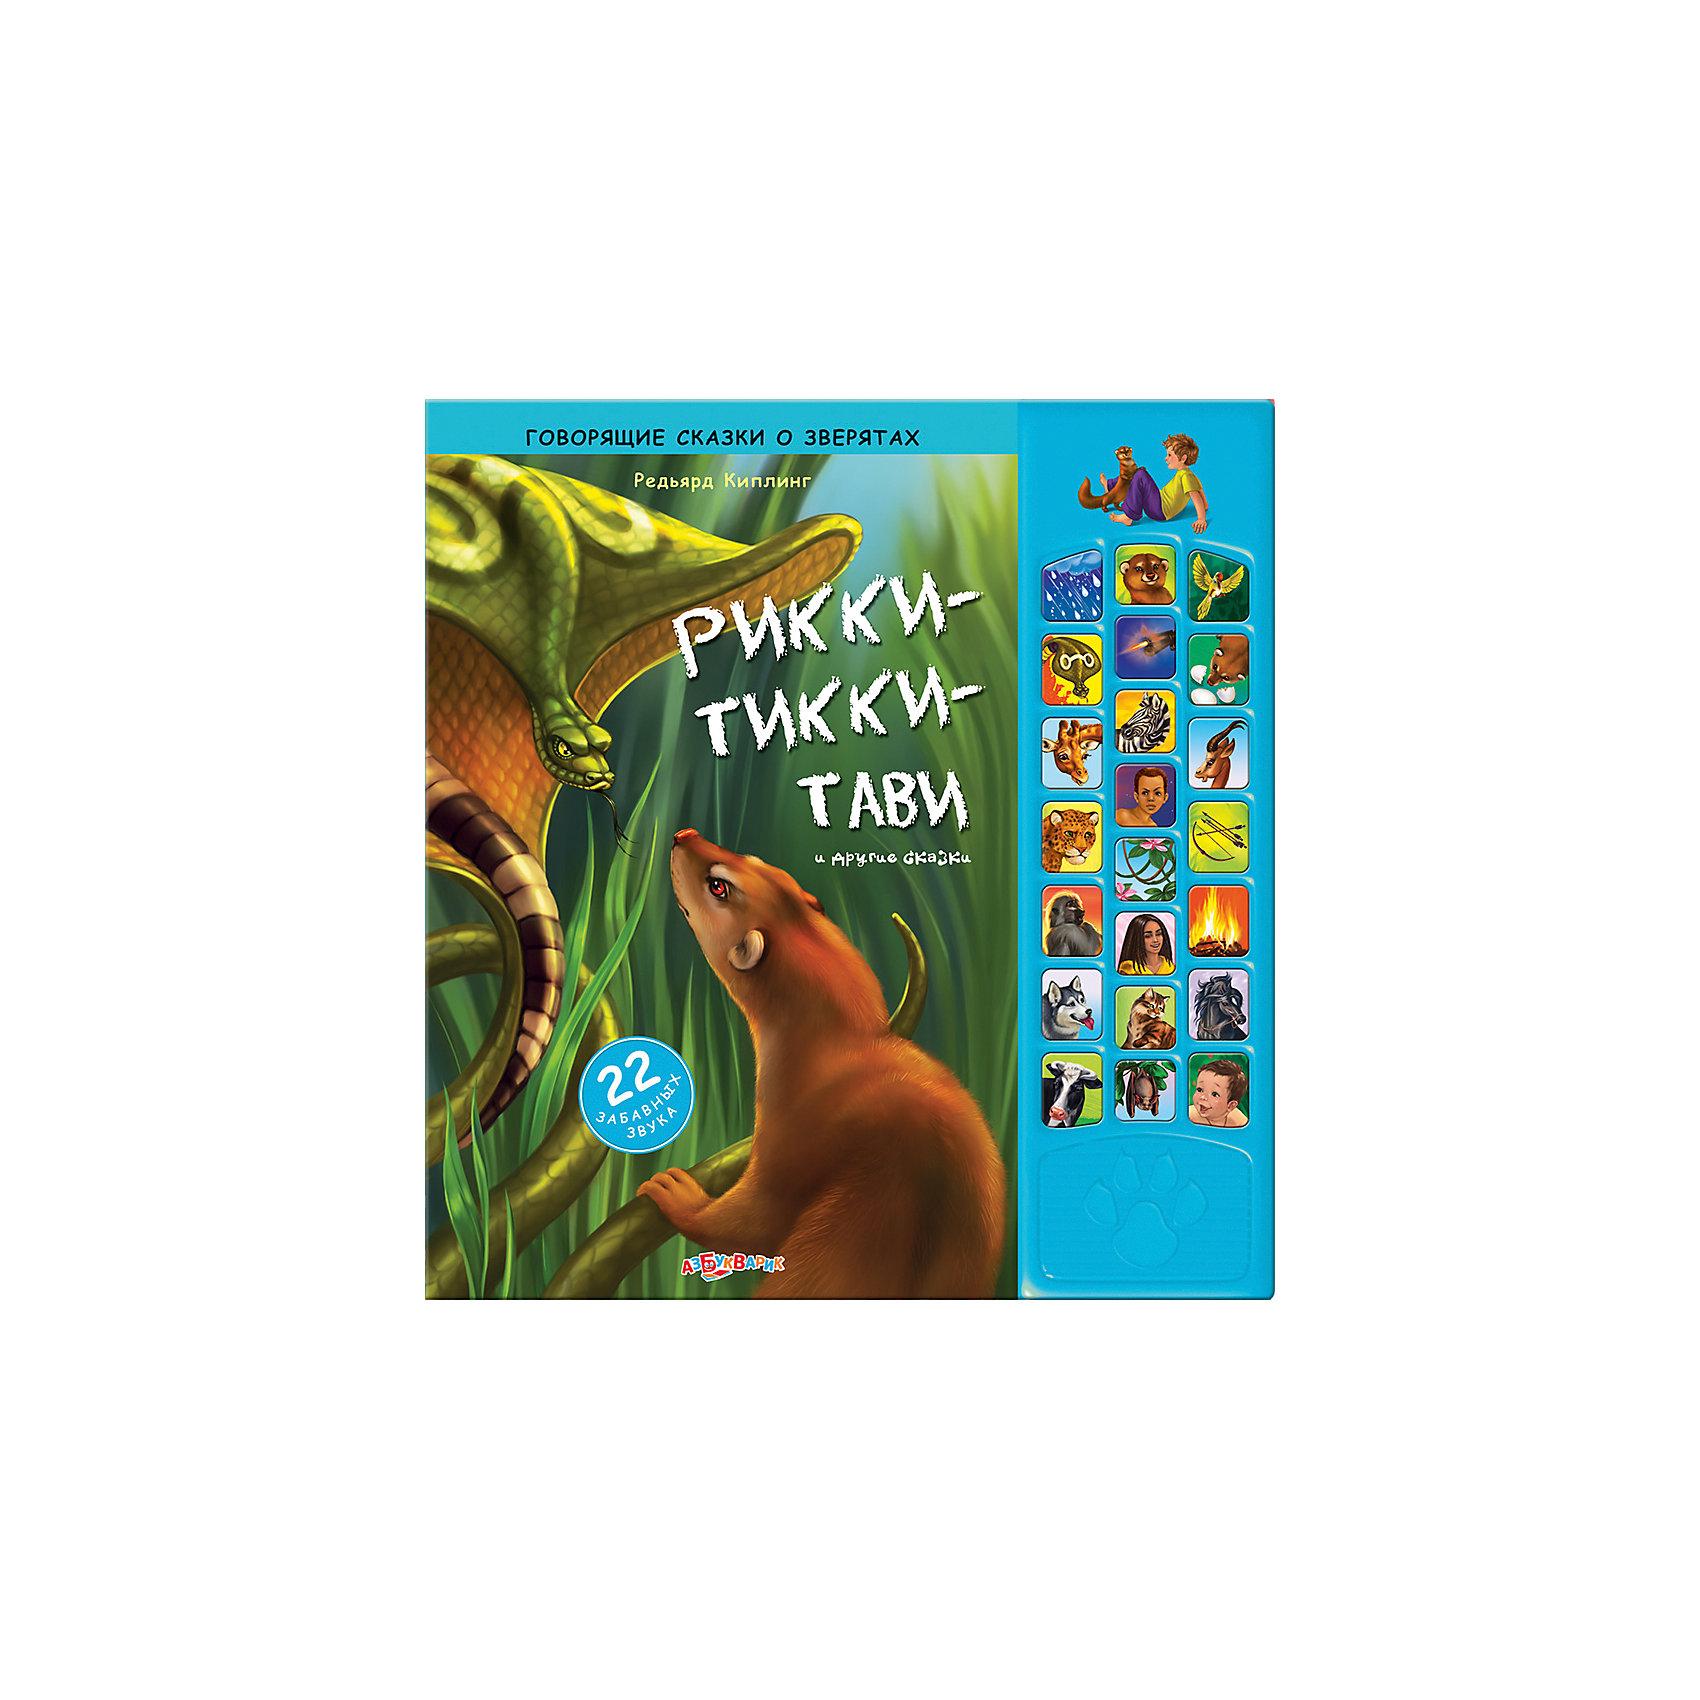 Азбукварик Рикки-тикки-тави и другие сказки говорящие книжки азбукварик книжка р киплинг рикки тикки тави и другие сказки